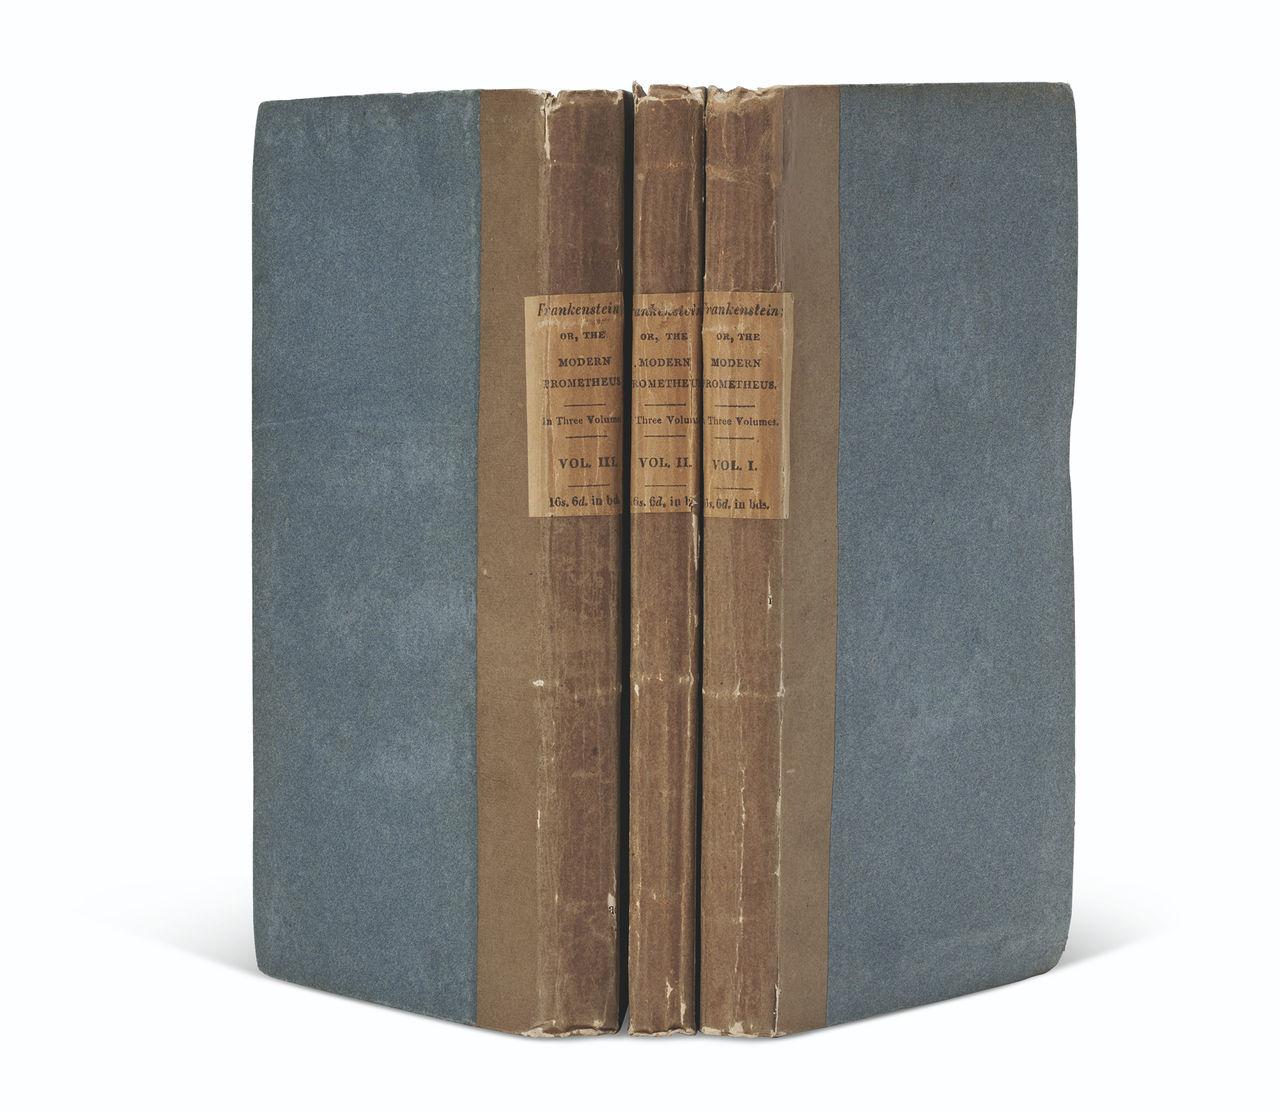 Förstaupplaga av Frankenstien såld för 1,7 miljon dollar